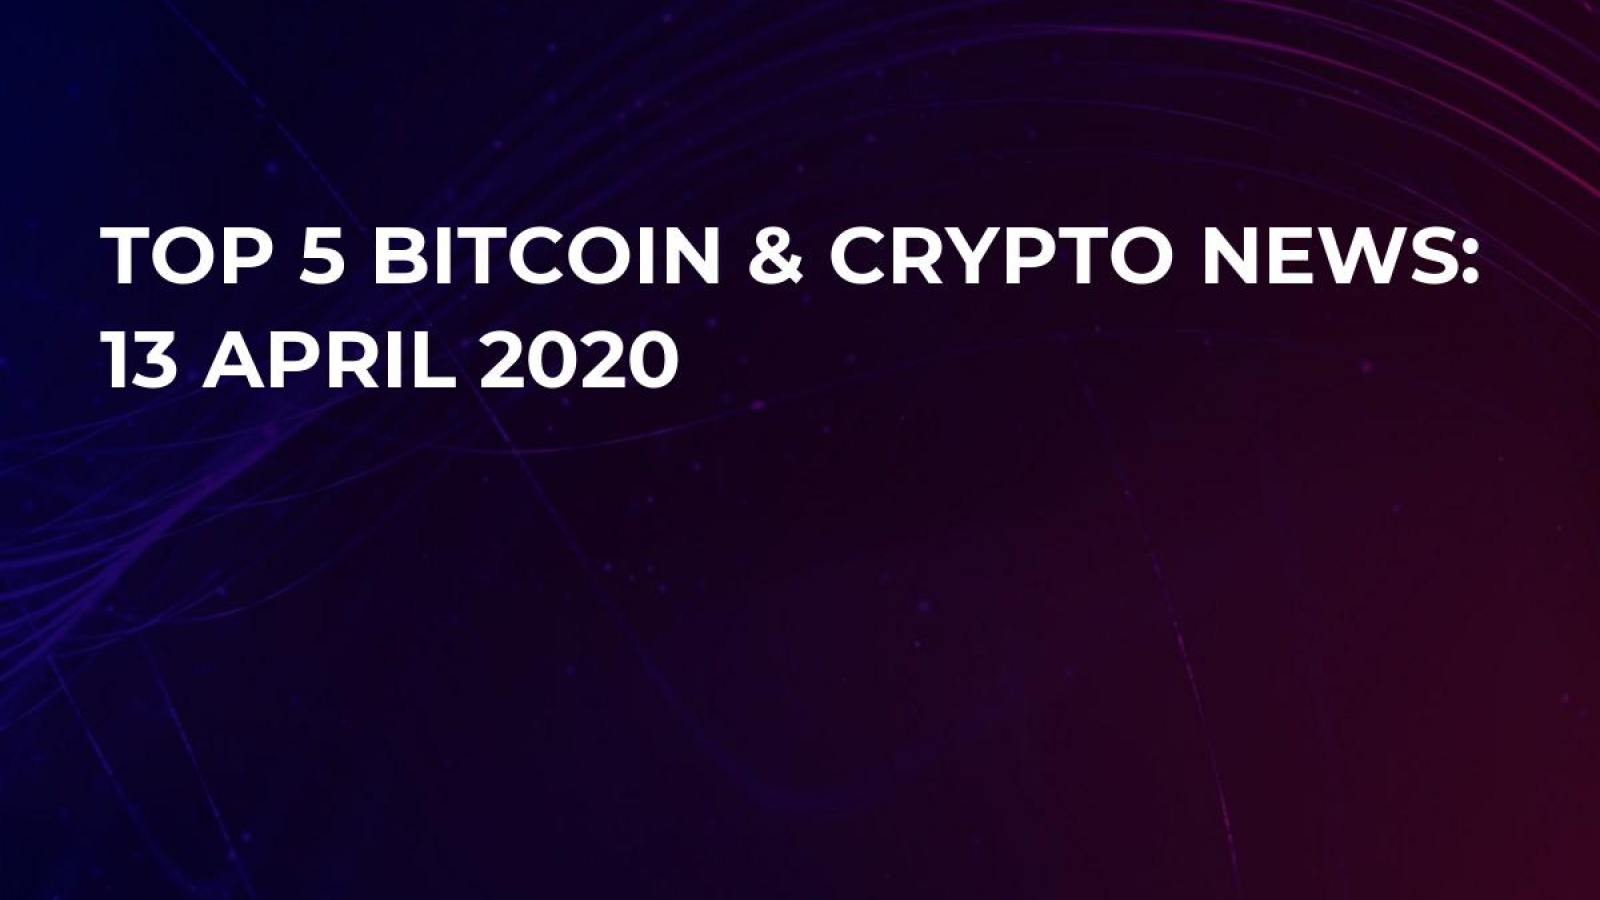 NON-FUNGIBLE TOKEN e Crypto Art «Giro d'affari da 200 milioni di dollari»